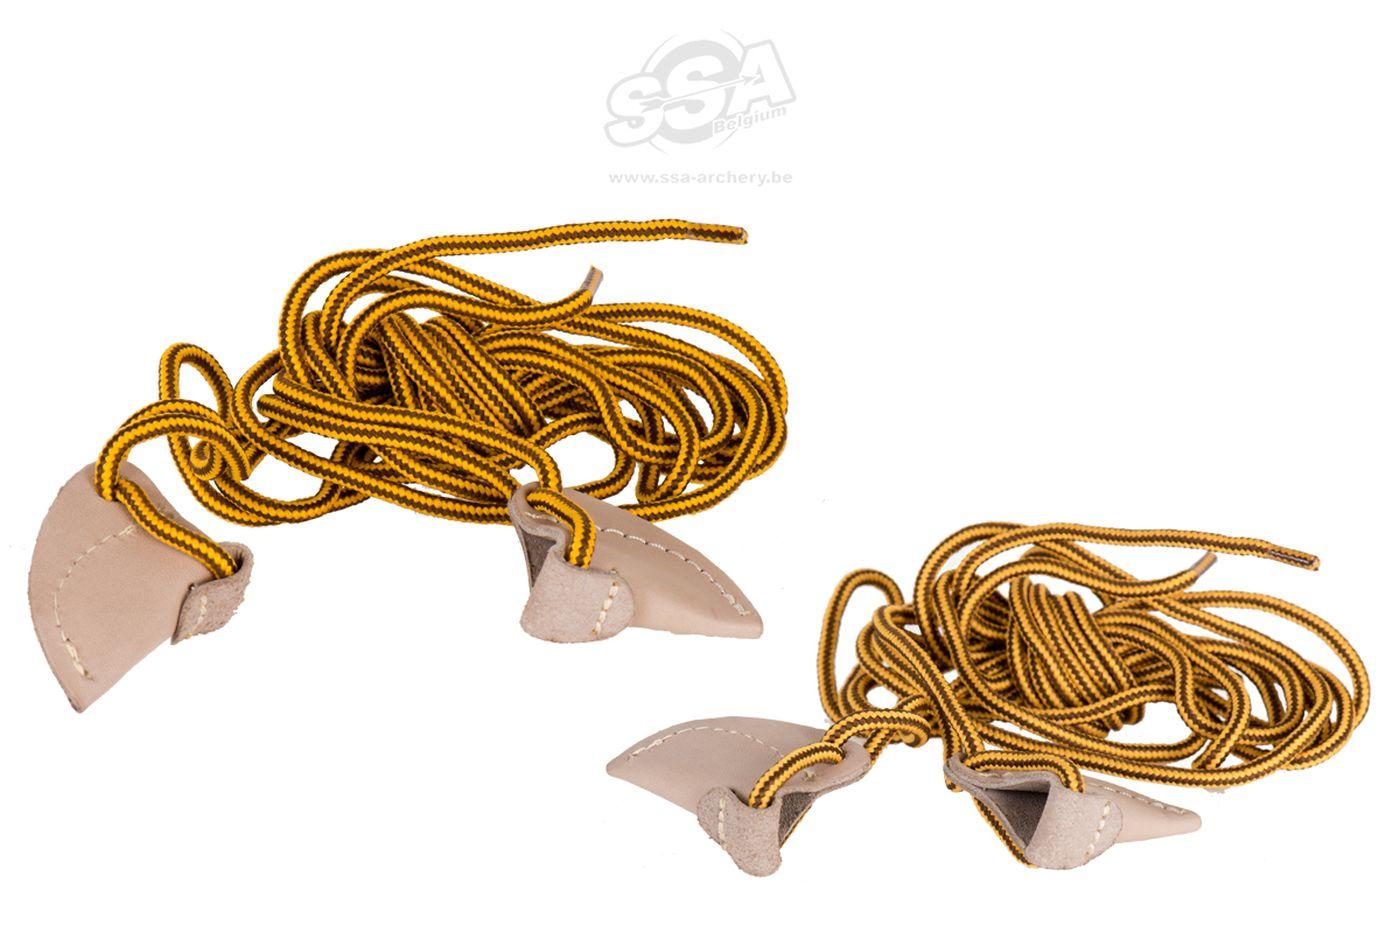 Fausse corde bucktrail longbow 1